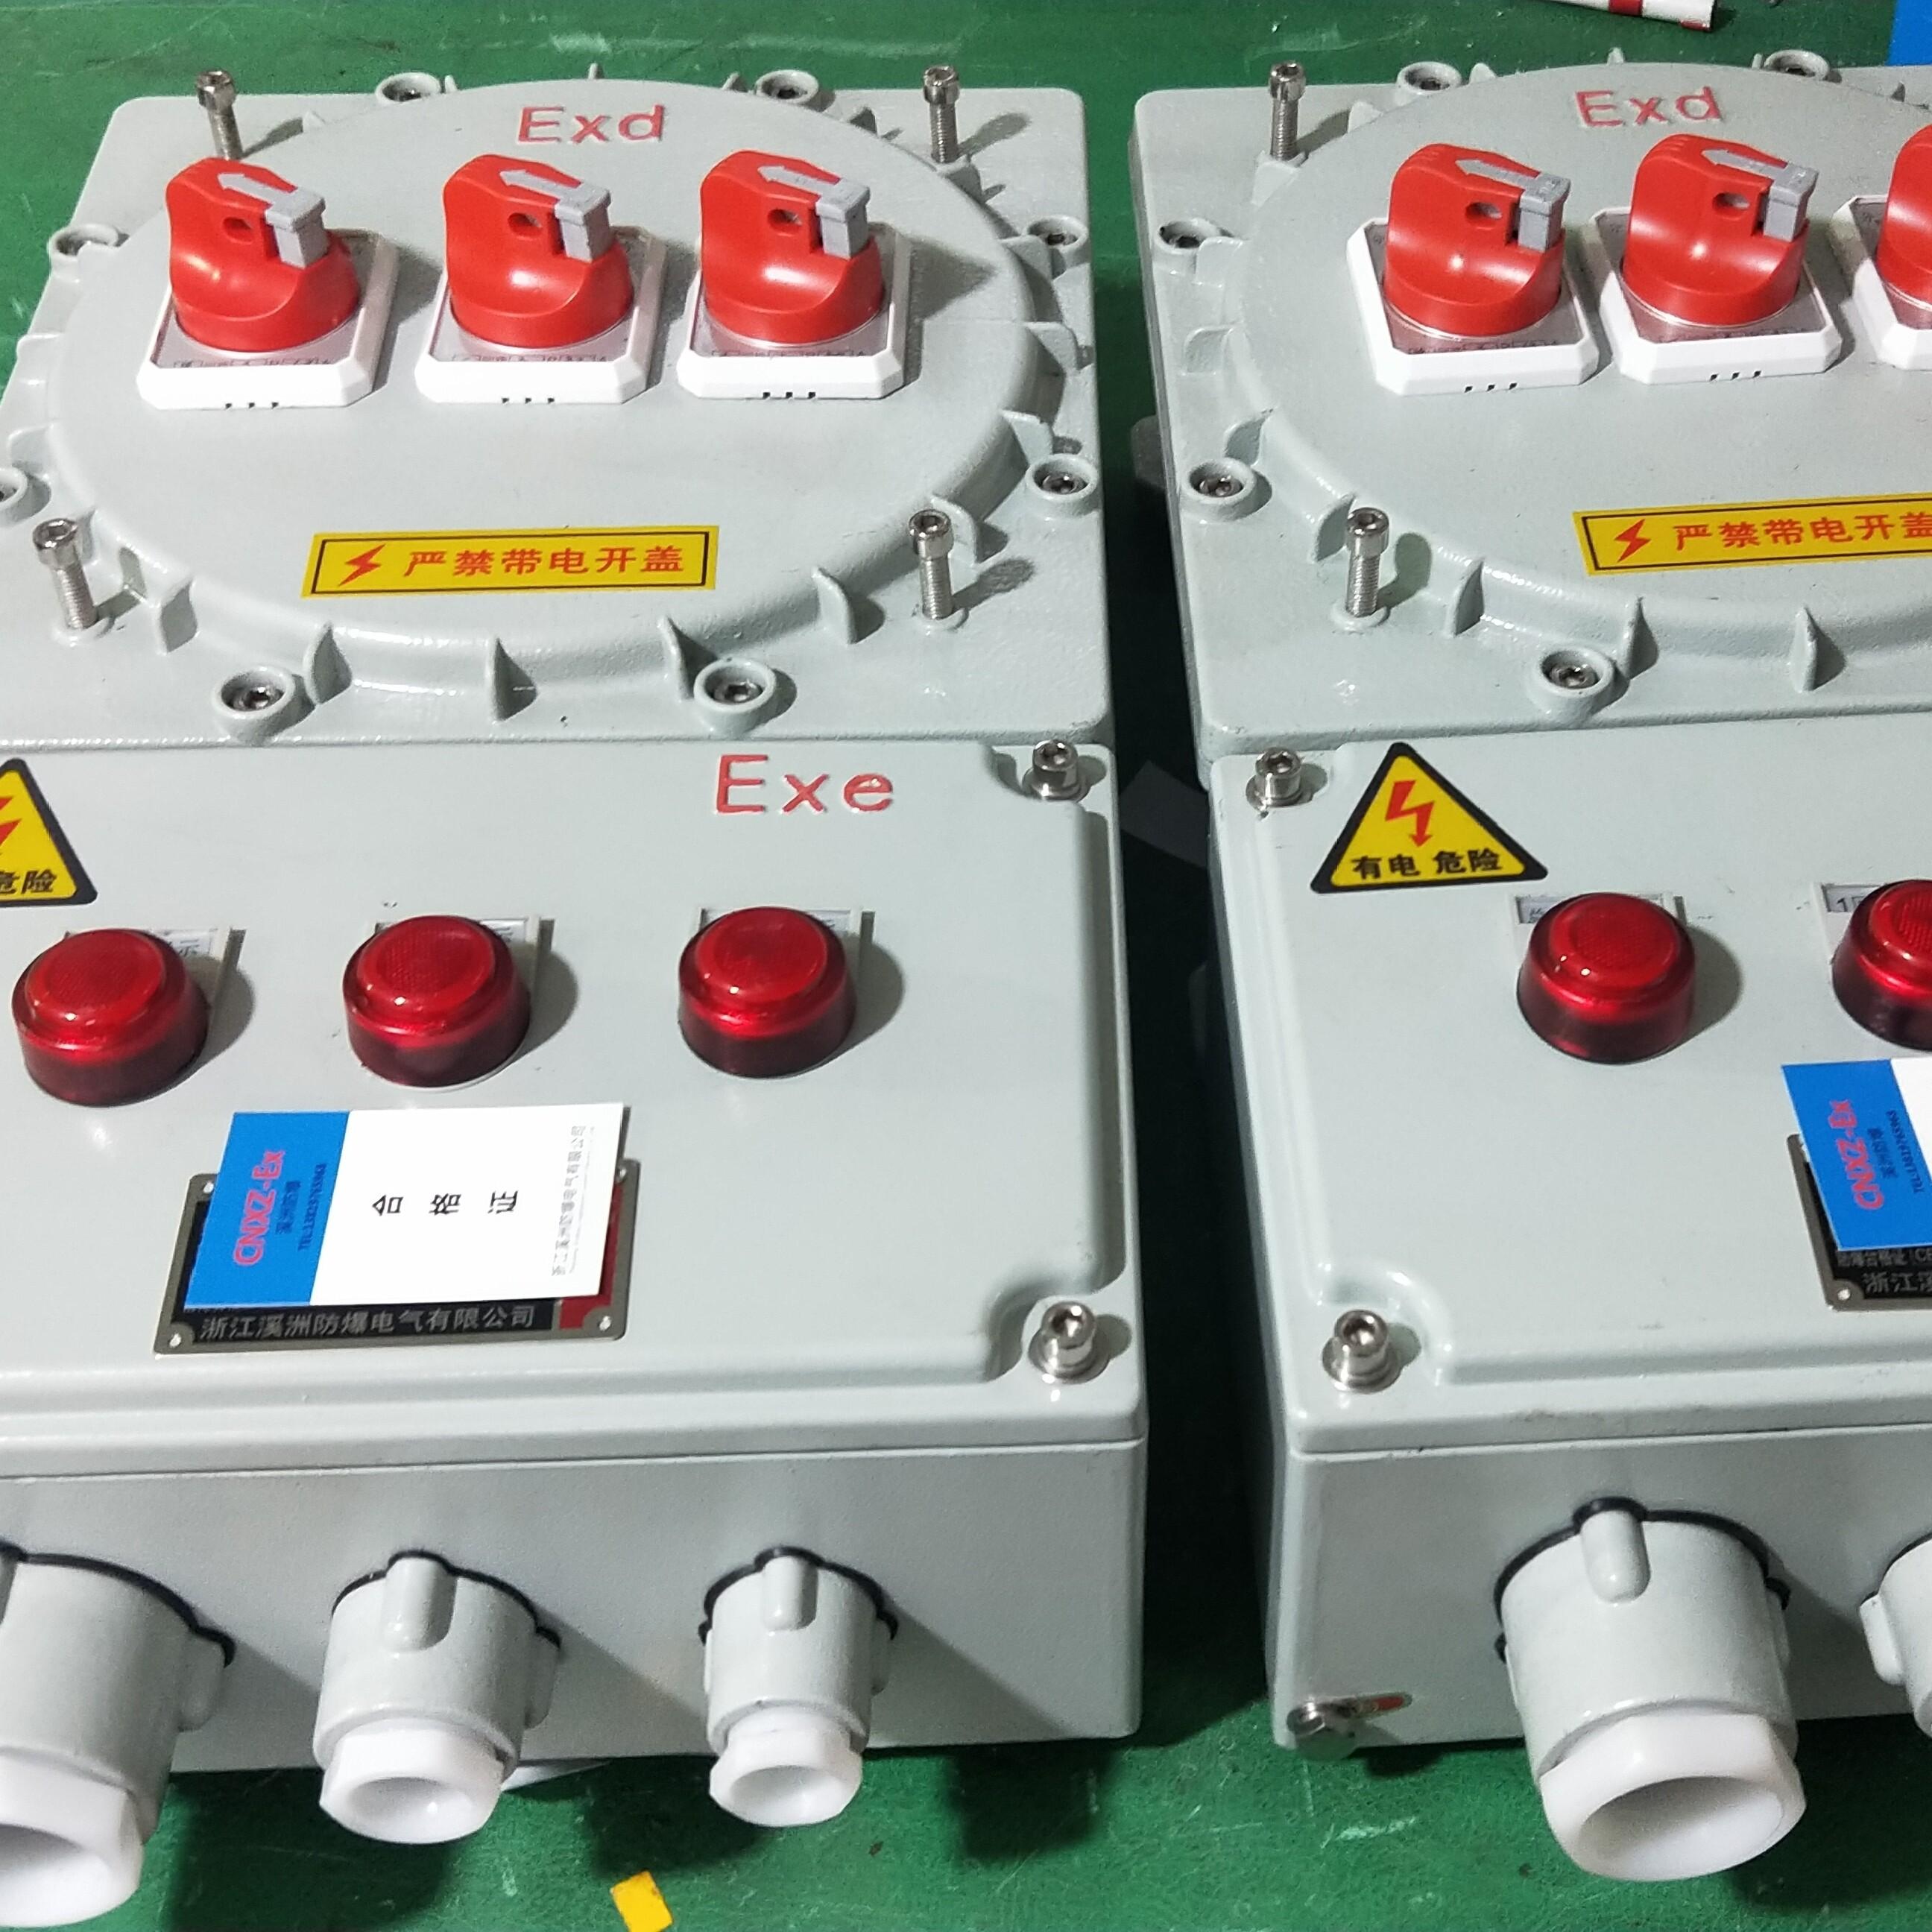 防爆IIC级配电箱